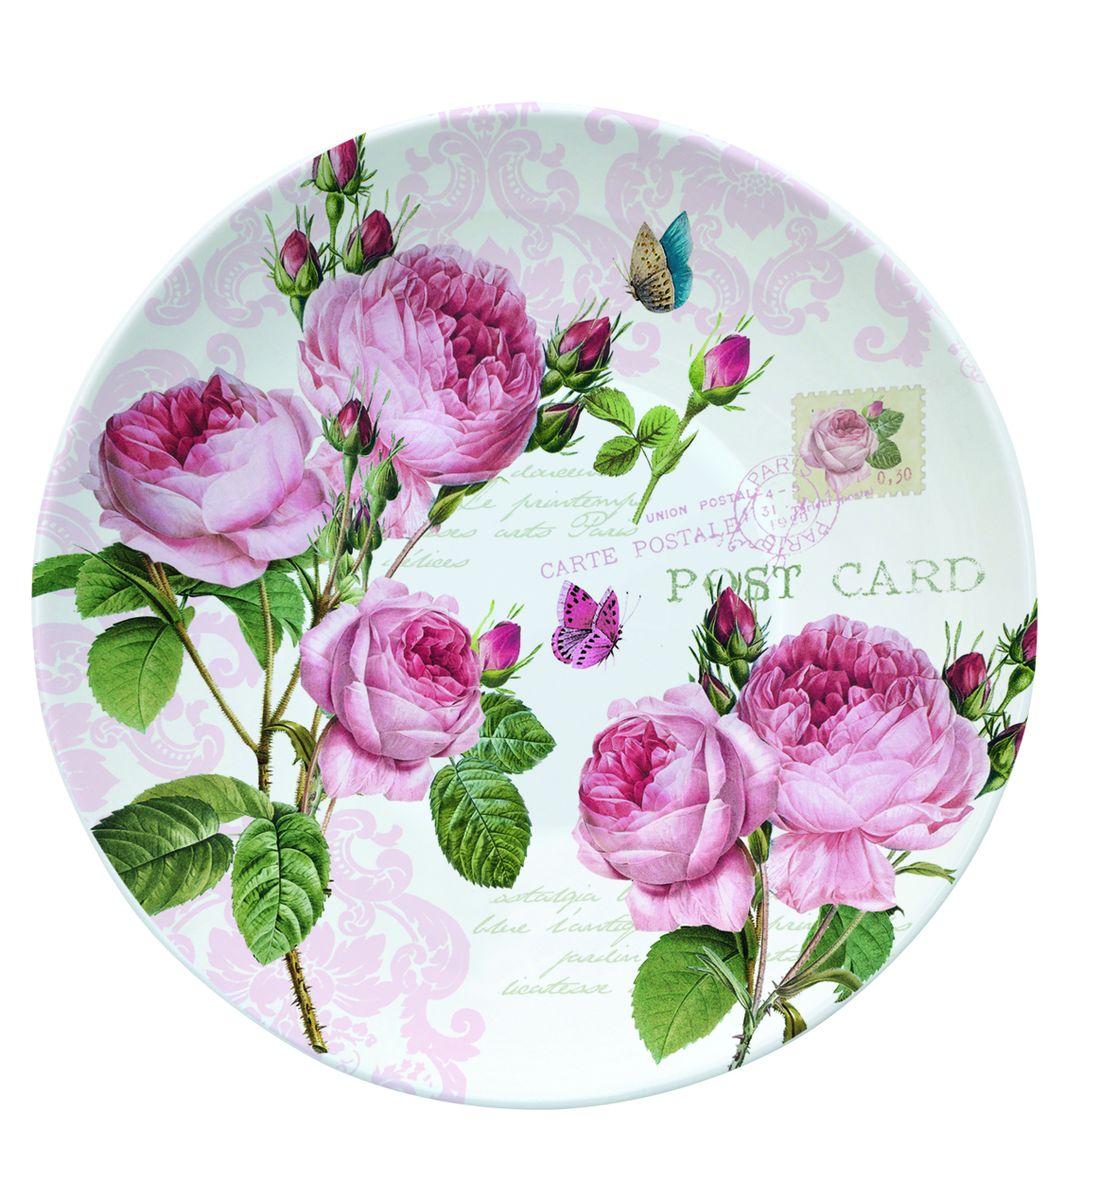 Блюдце Nuova R2S Романтические розы, диаметр 10 см338RMRБлюдце Nuova R2S Романтические розы выполнено из высококачественного фарфора. Изделие оформлено изображением роз. Изящное блюдце не только красиво оформит стол к чаепитию, но и станет прекрасным подарком друзьям и близким. Диаметр блюдца: 10 см.